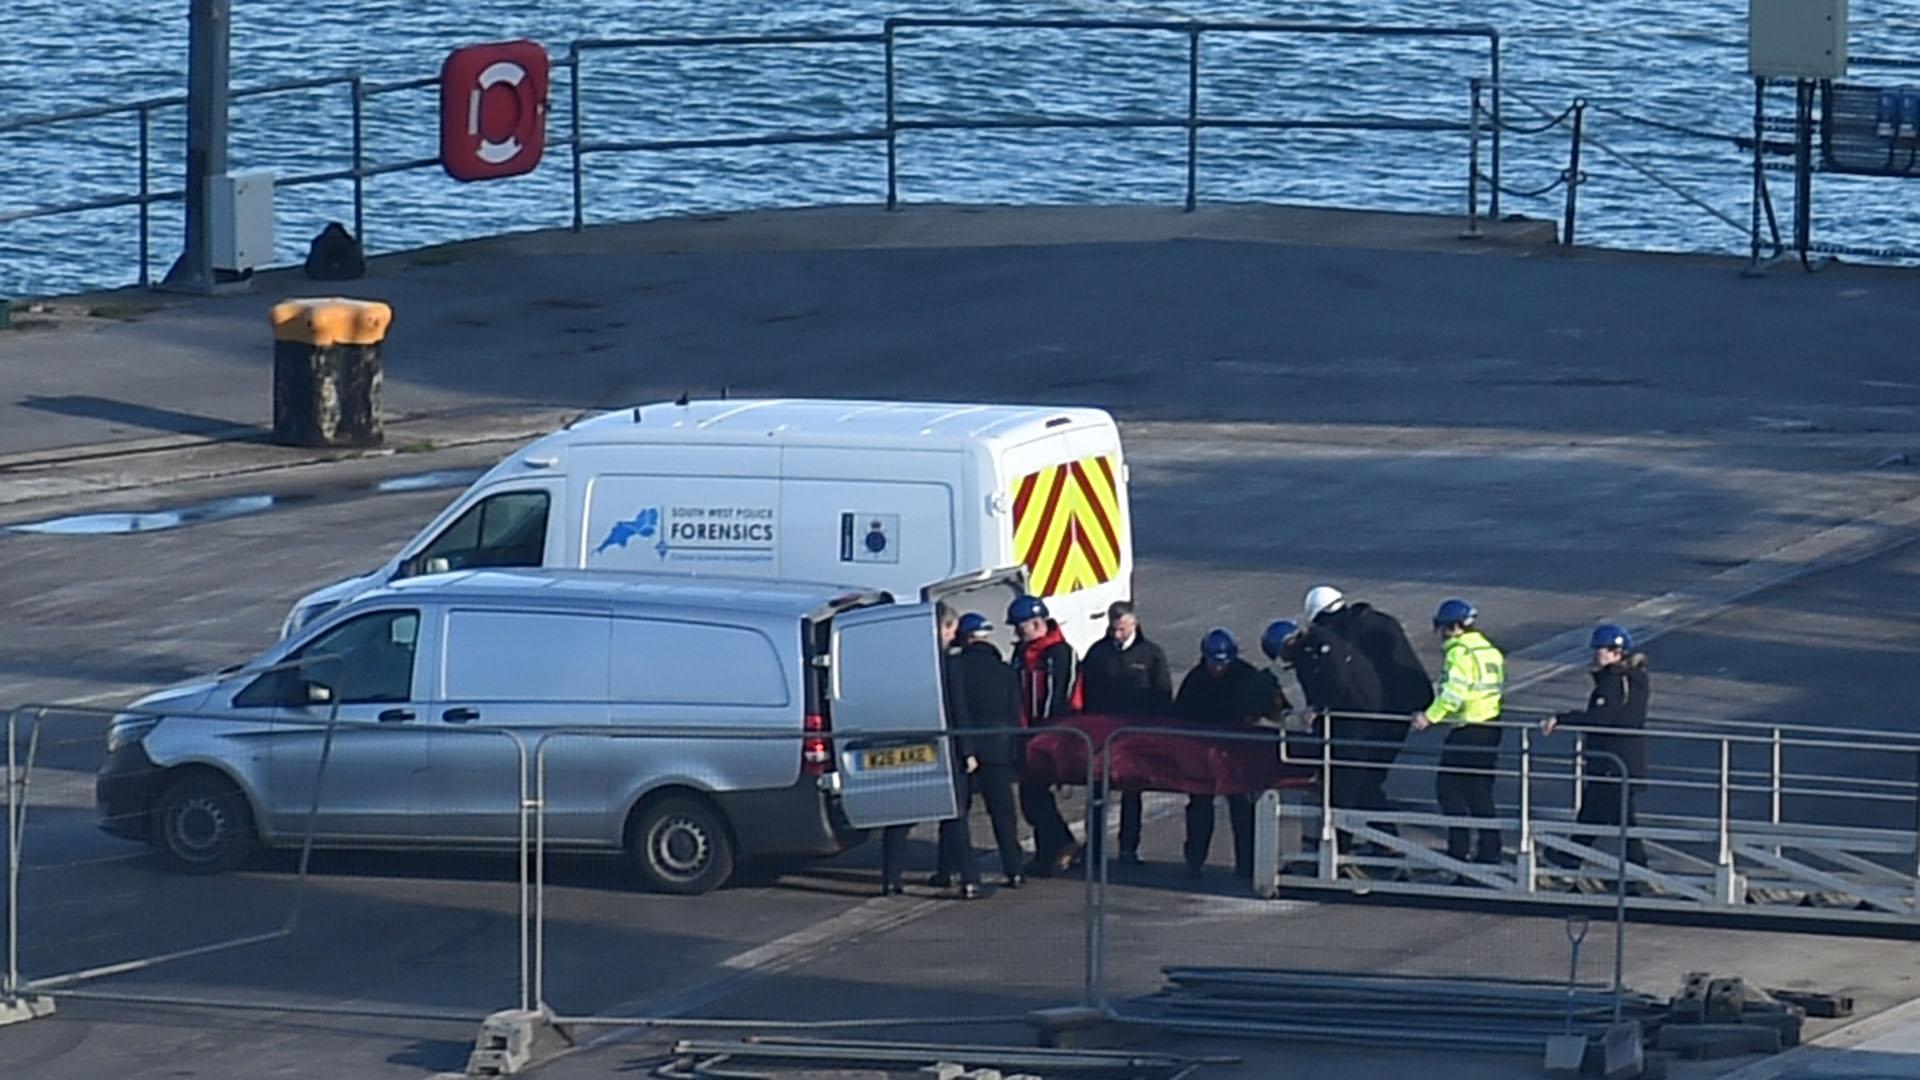 """""""Una teoría es que alguien irrumpió en la morgue y tomó esas fotos"""", informó la Policía de Dorset (Foto: AFP)"""